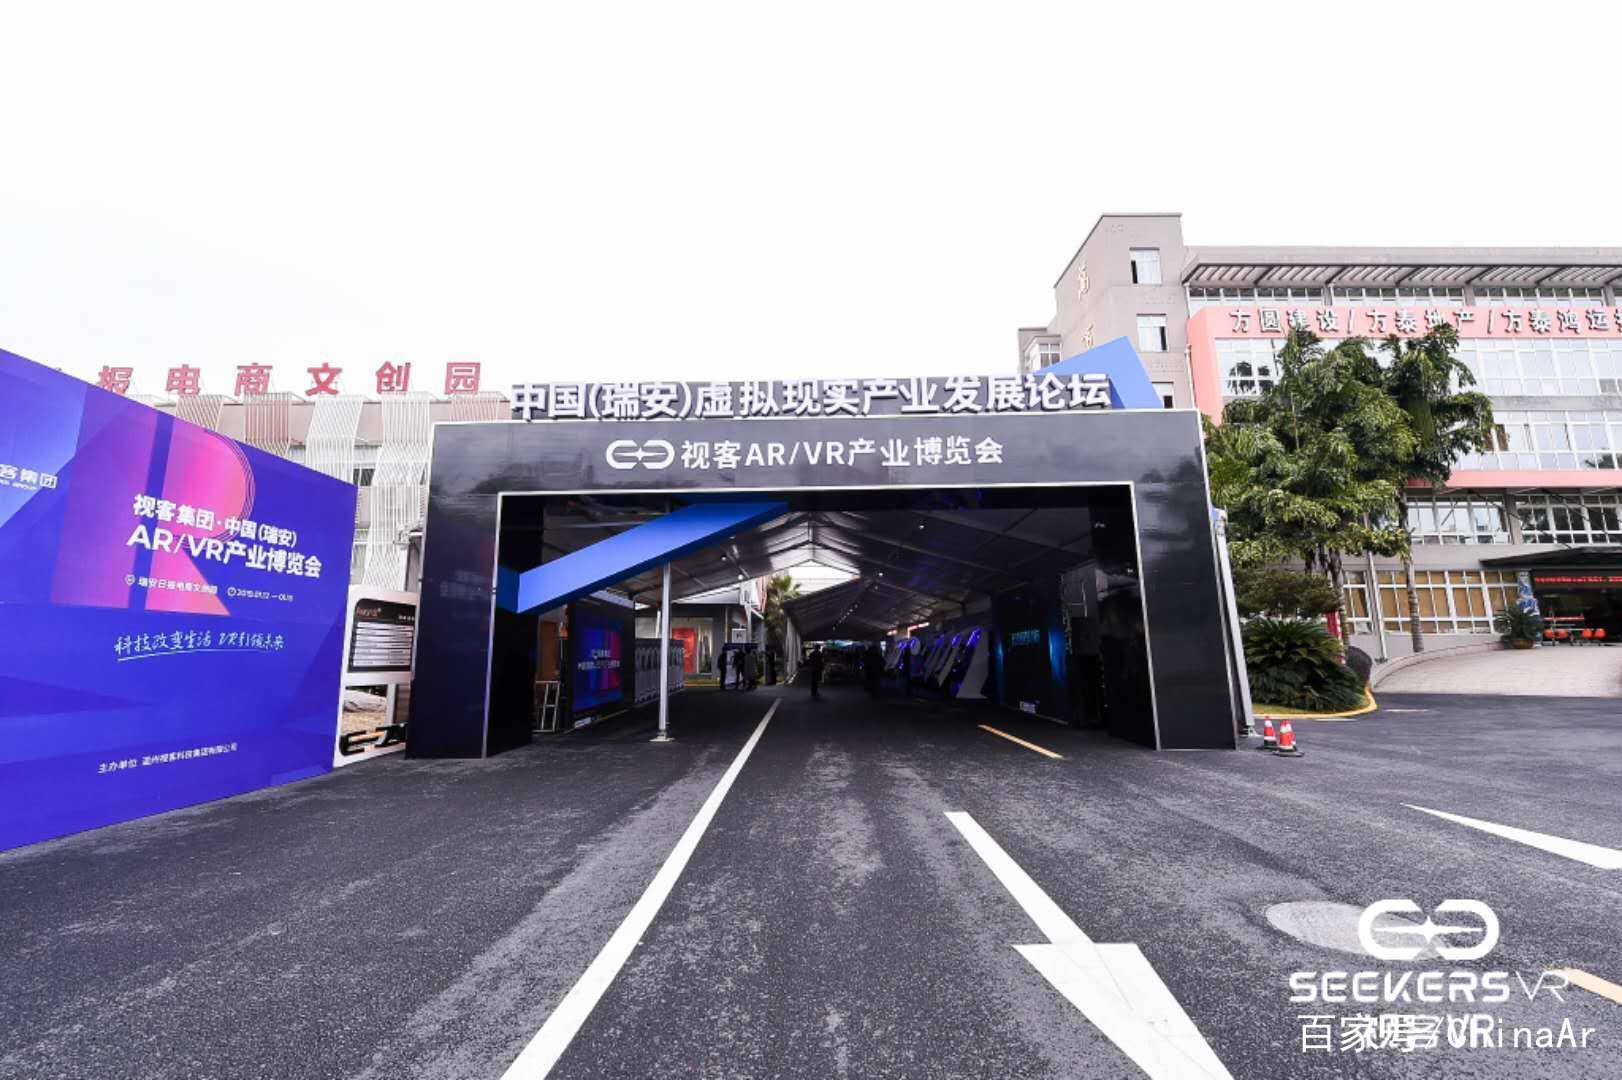 2019中国(温州瑞安)虚拟现实产业发展论坛圆满落幕